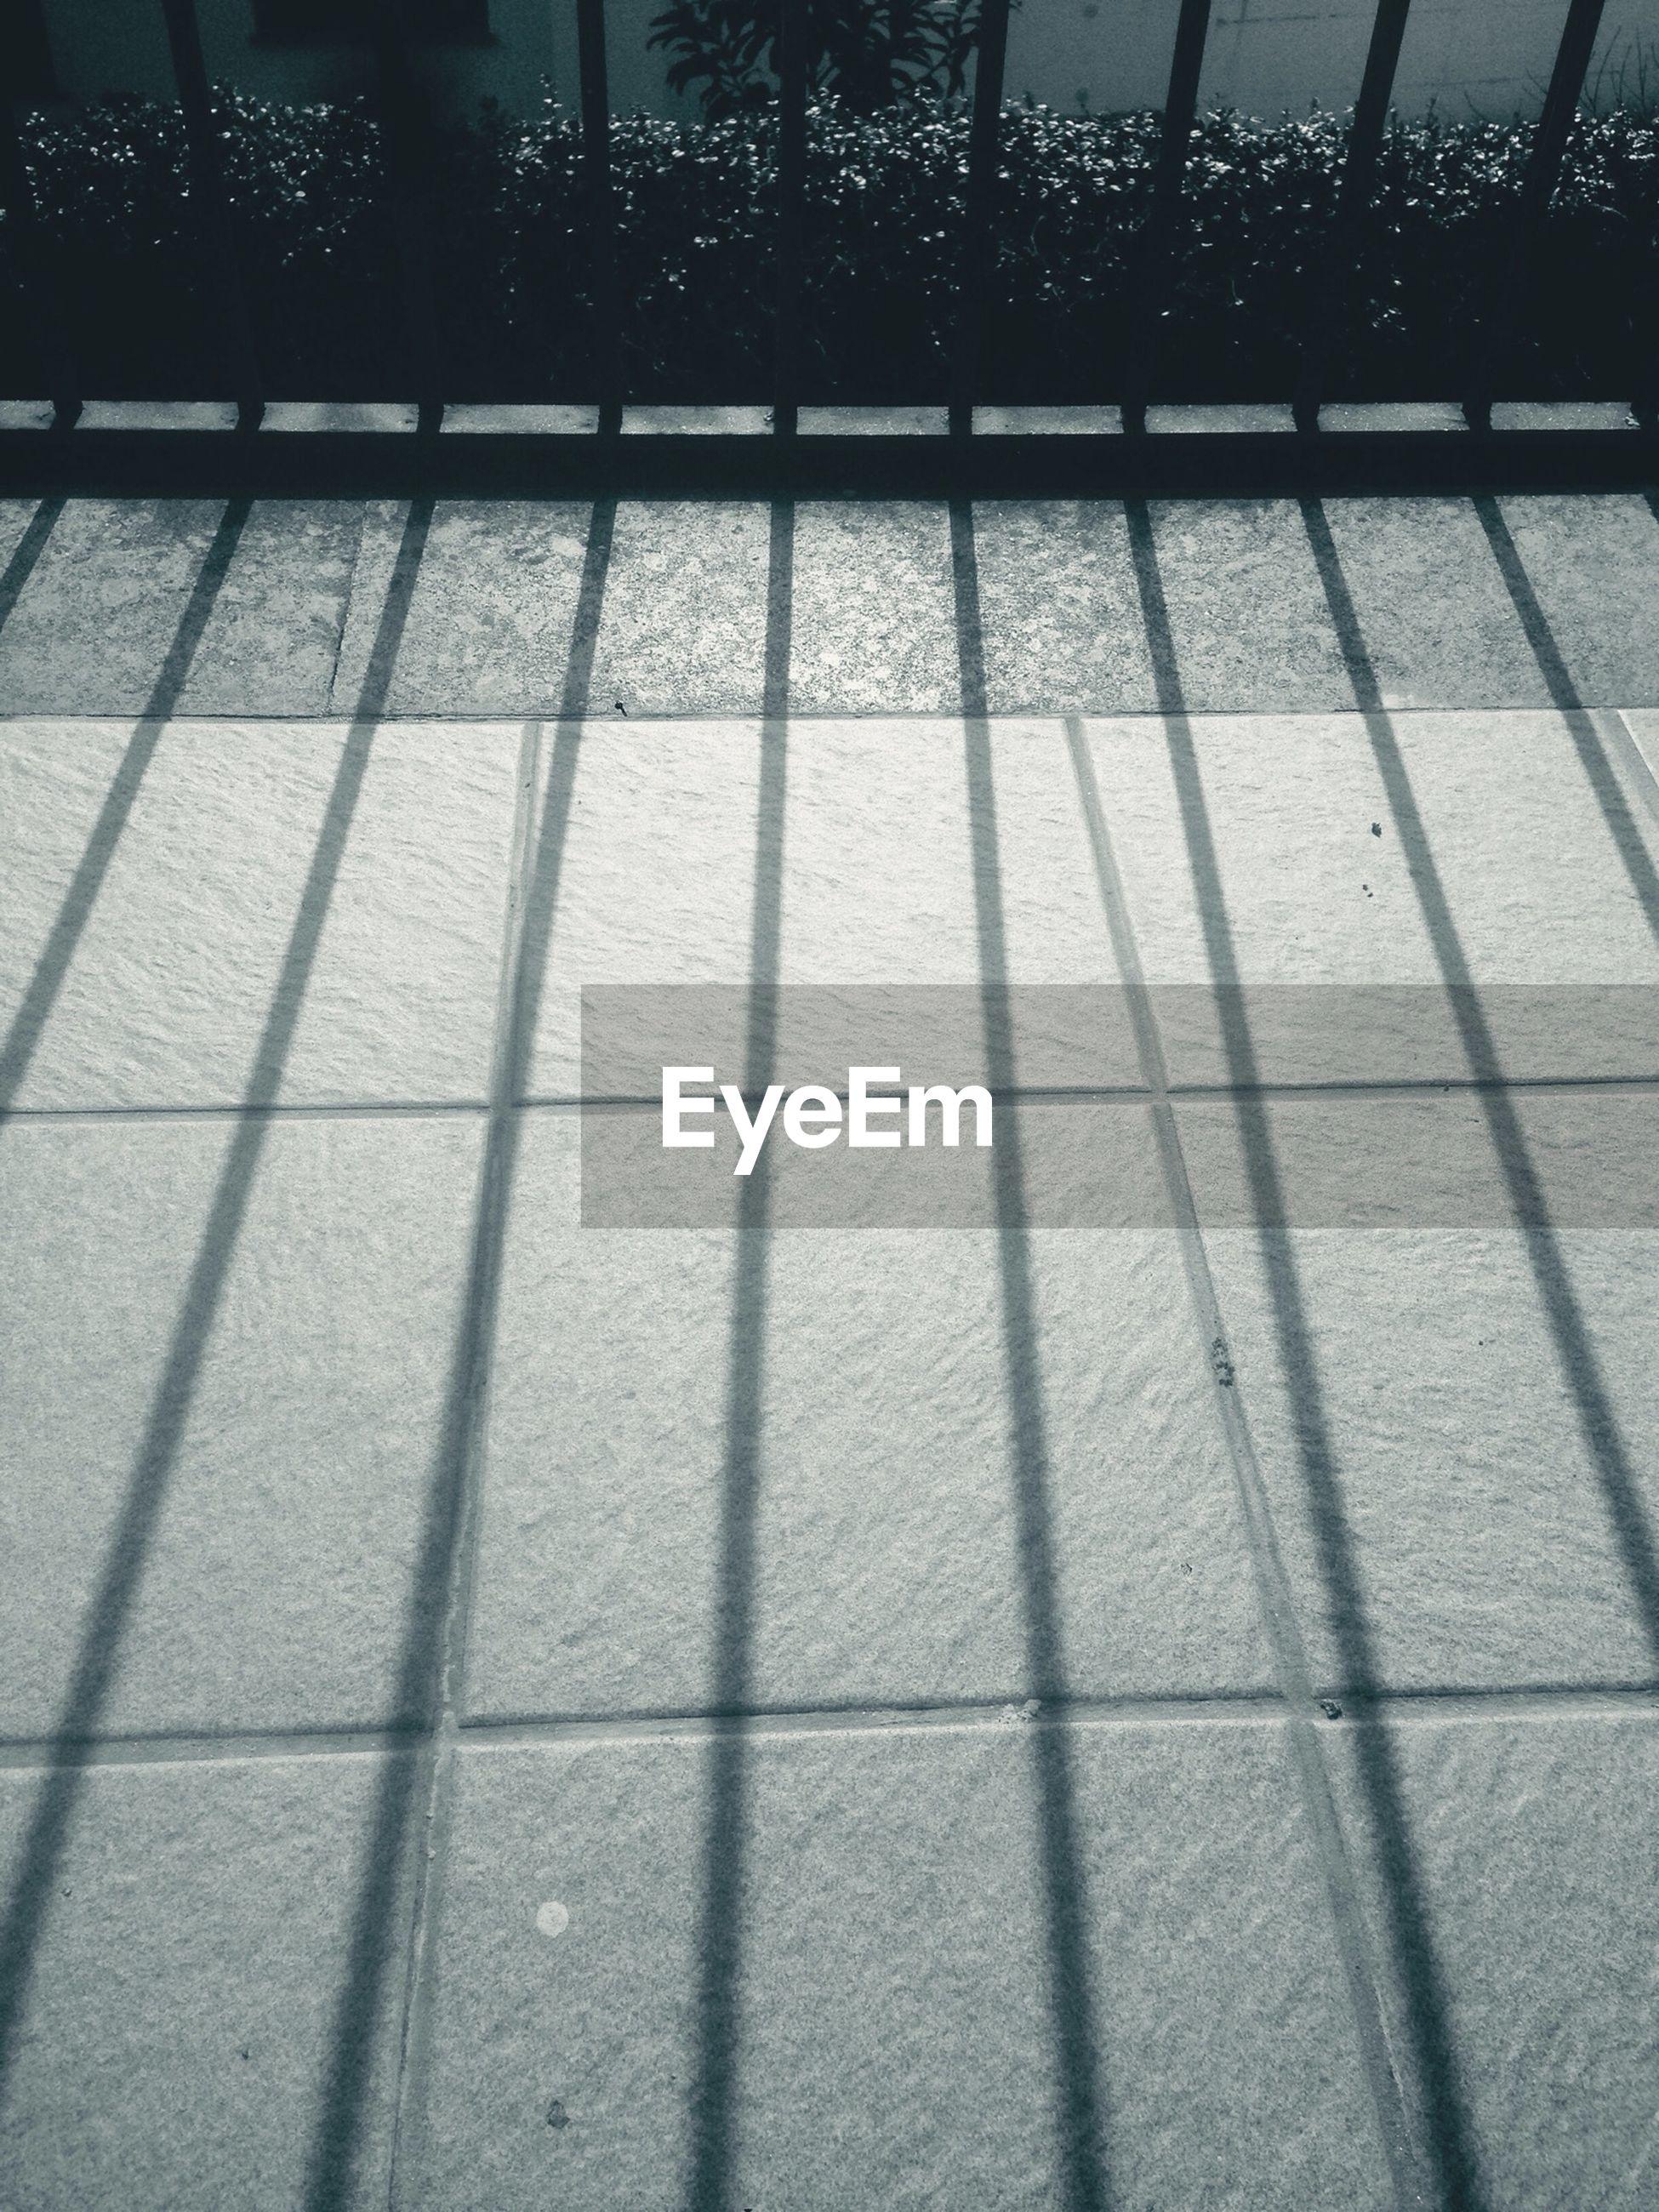 Shadow of fence on floor